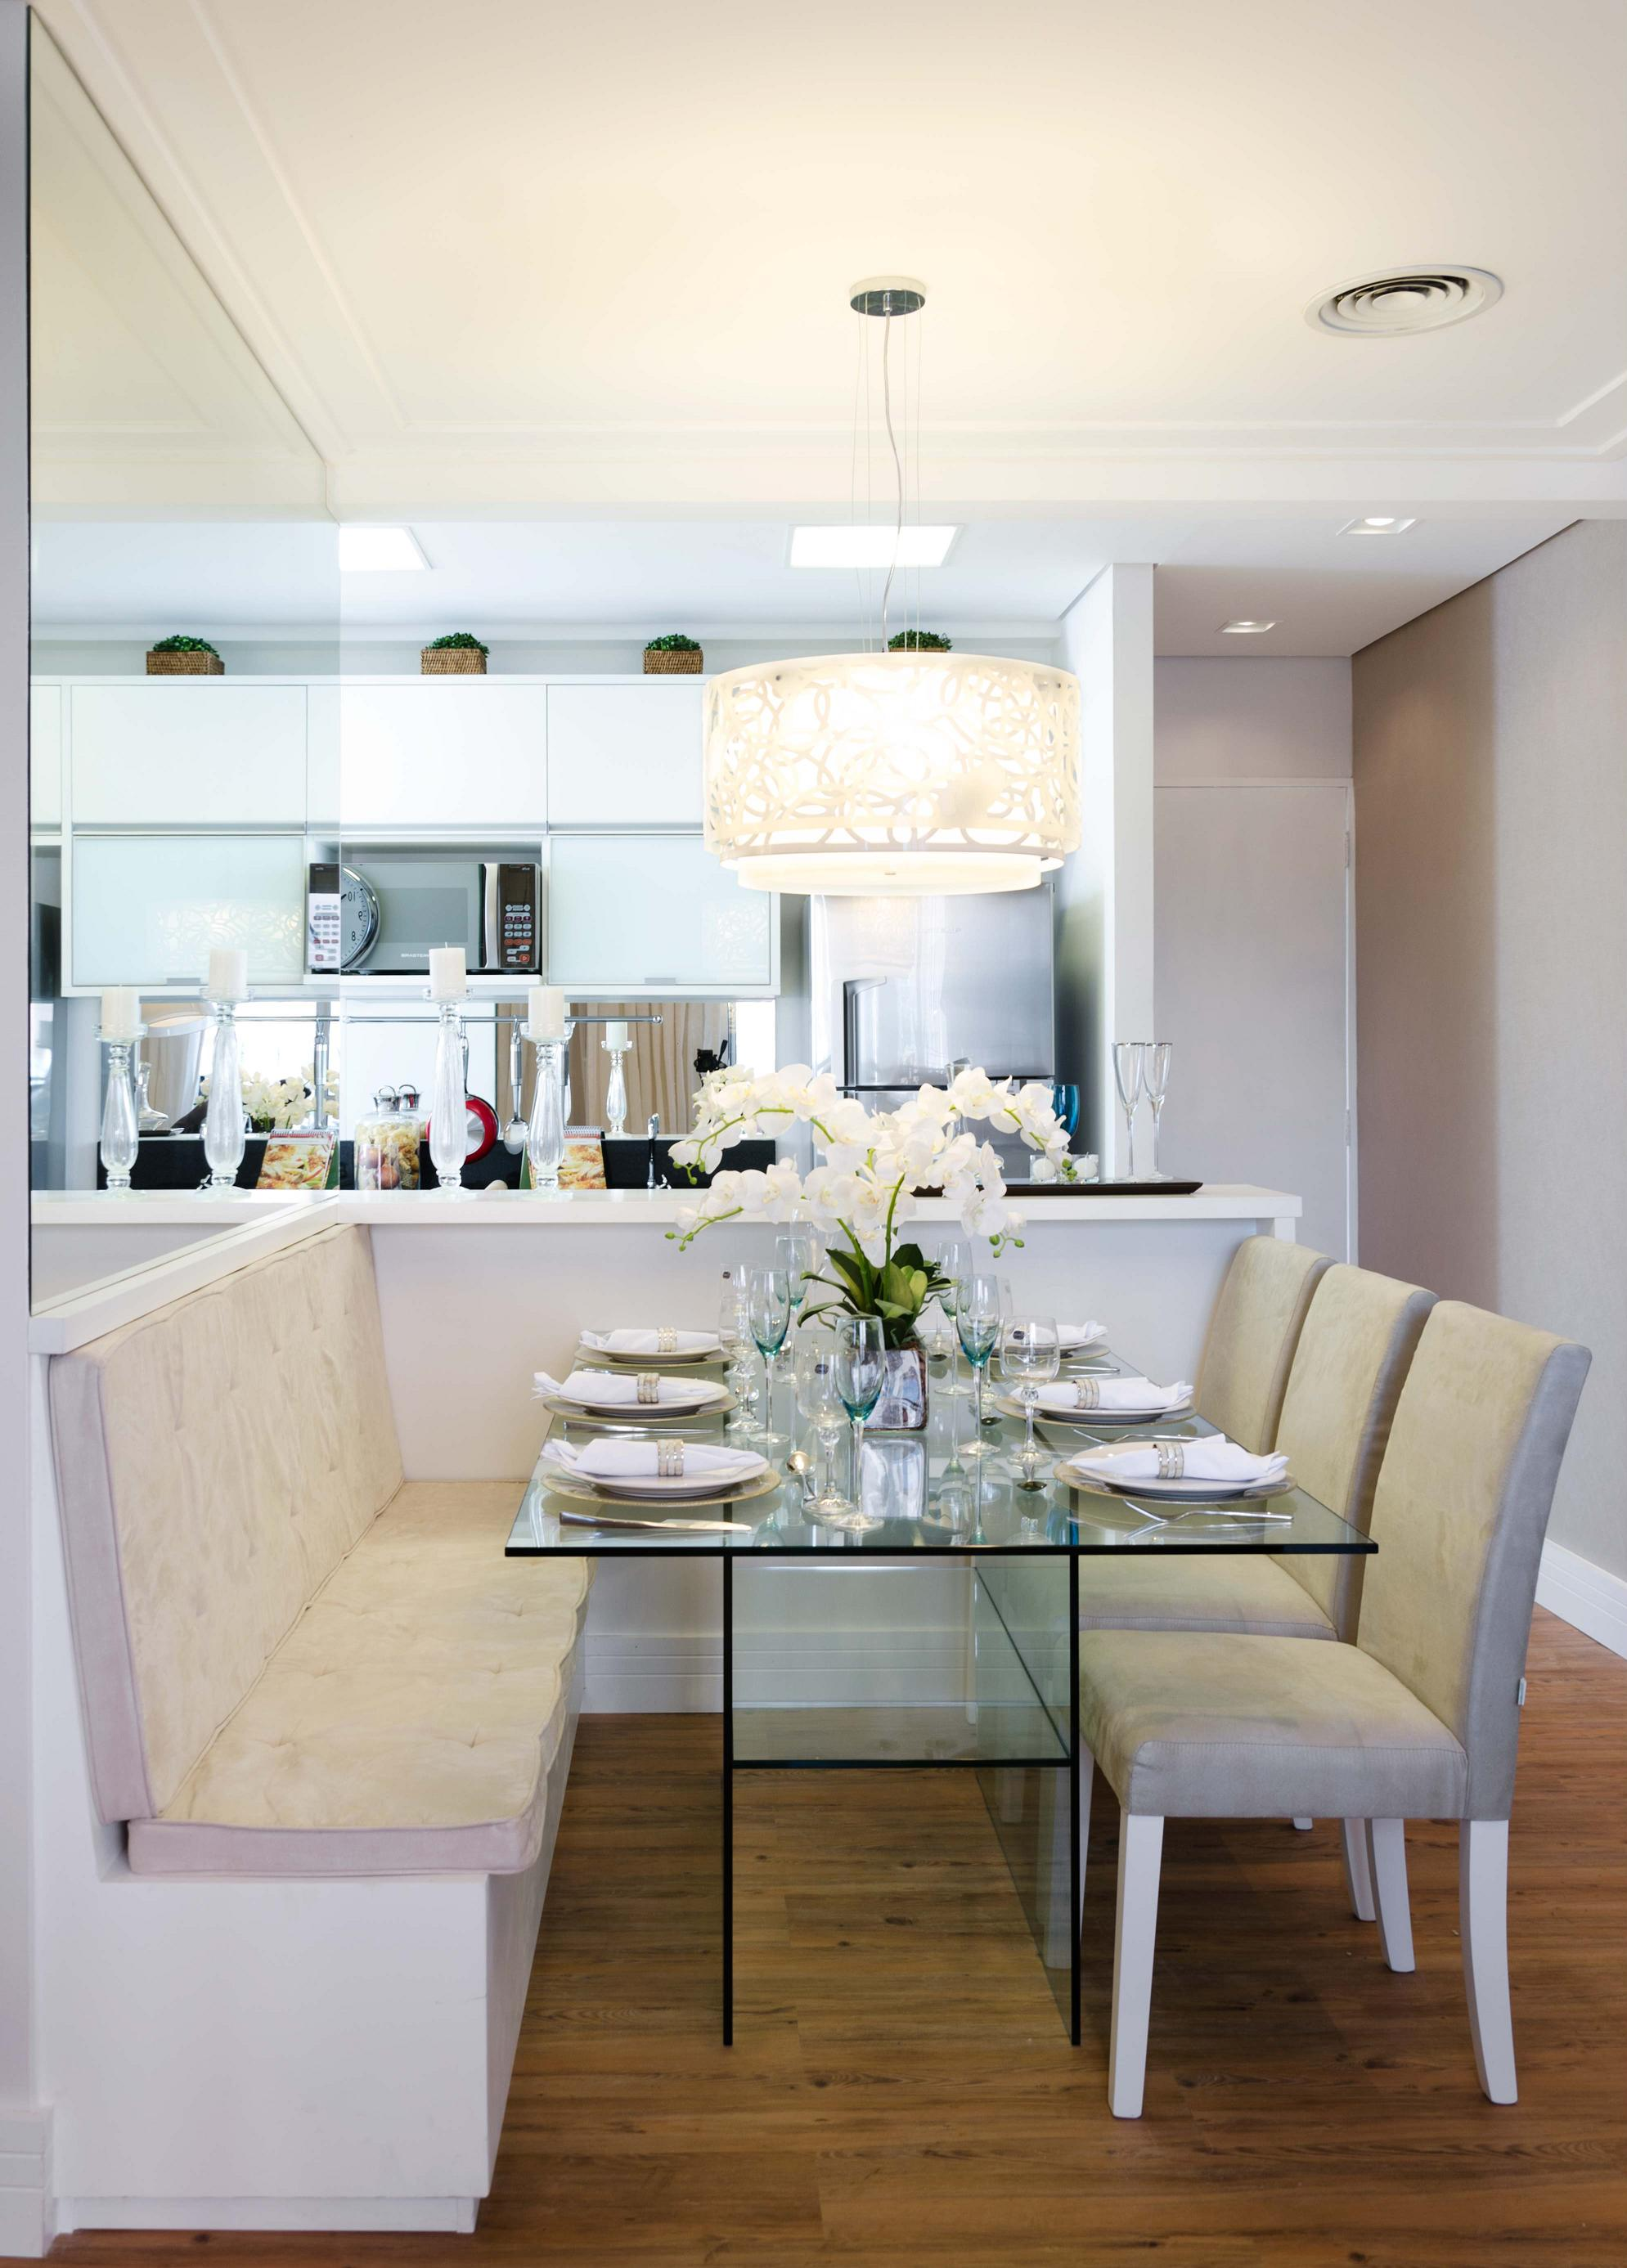 Os 3 melhores pisos para casas ou apartamentos pequenosblog da propriet riodireto - Pavimentos rusticos para interiores ...